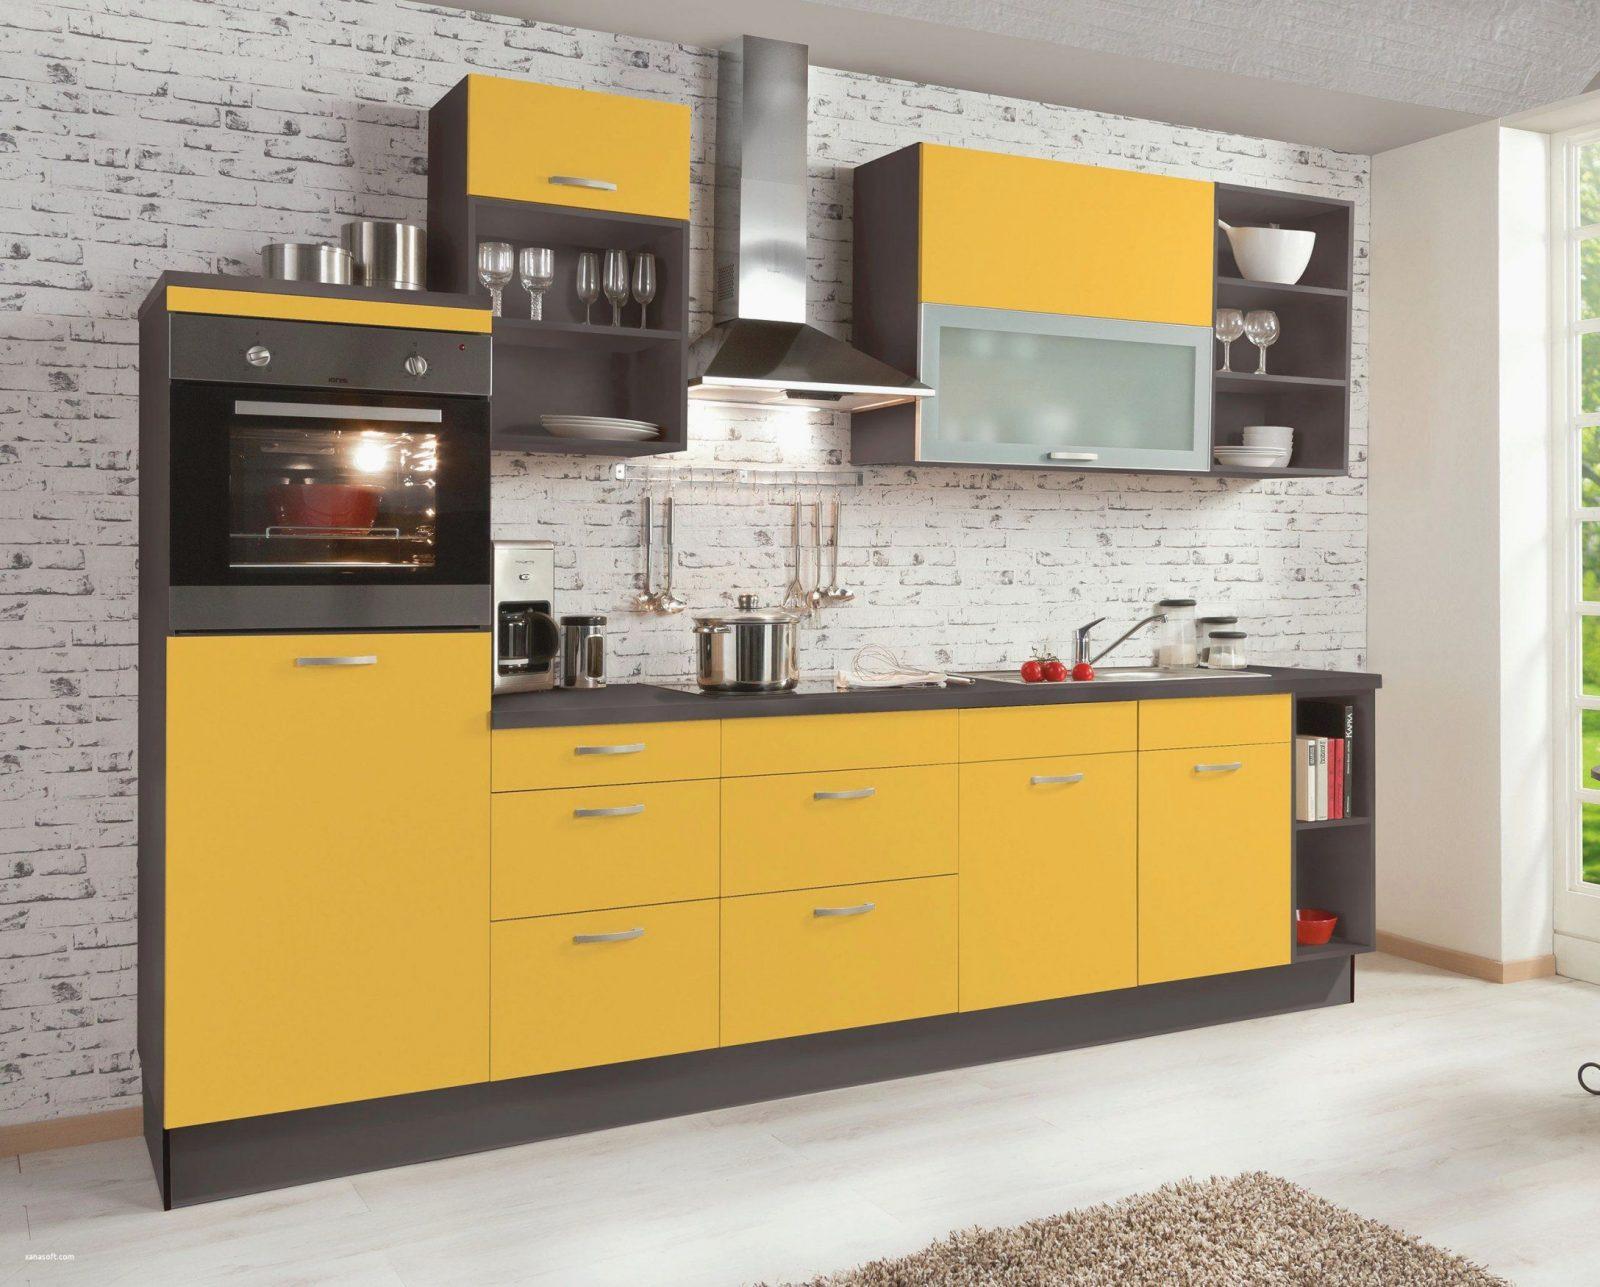 Top Ergebnis 50 Einzigartig Ikea Gebrauchte Küche Bilder 2018 Hgd6 von Küche Günstig Kaufen Gebraucht Bild